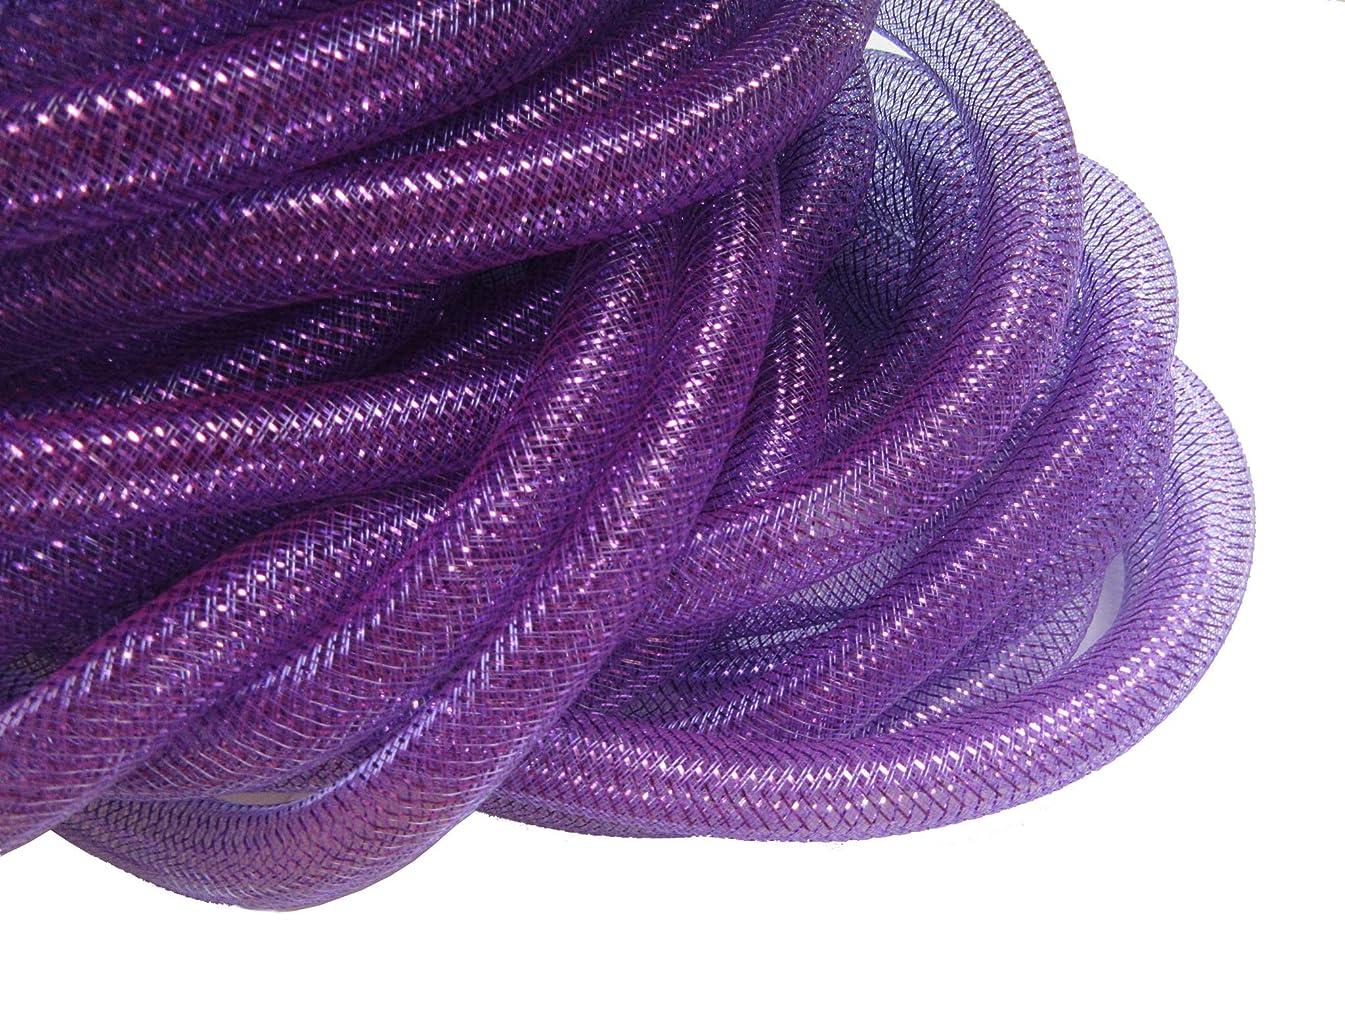 YYCRAF 10 Yards Solid Mesh Tube Deco Flex for Wreaths Cyberlox CRIN Crafts 16mm 5/8-Inch (Purple)